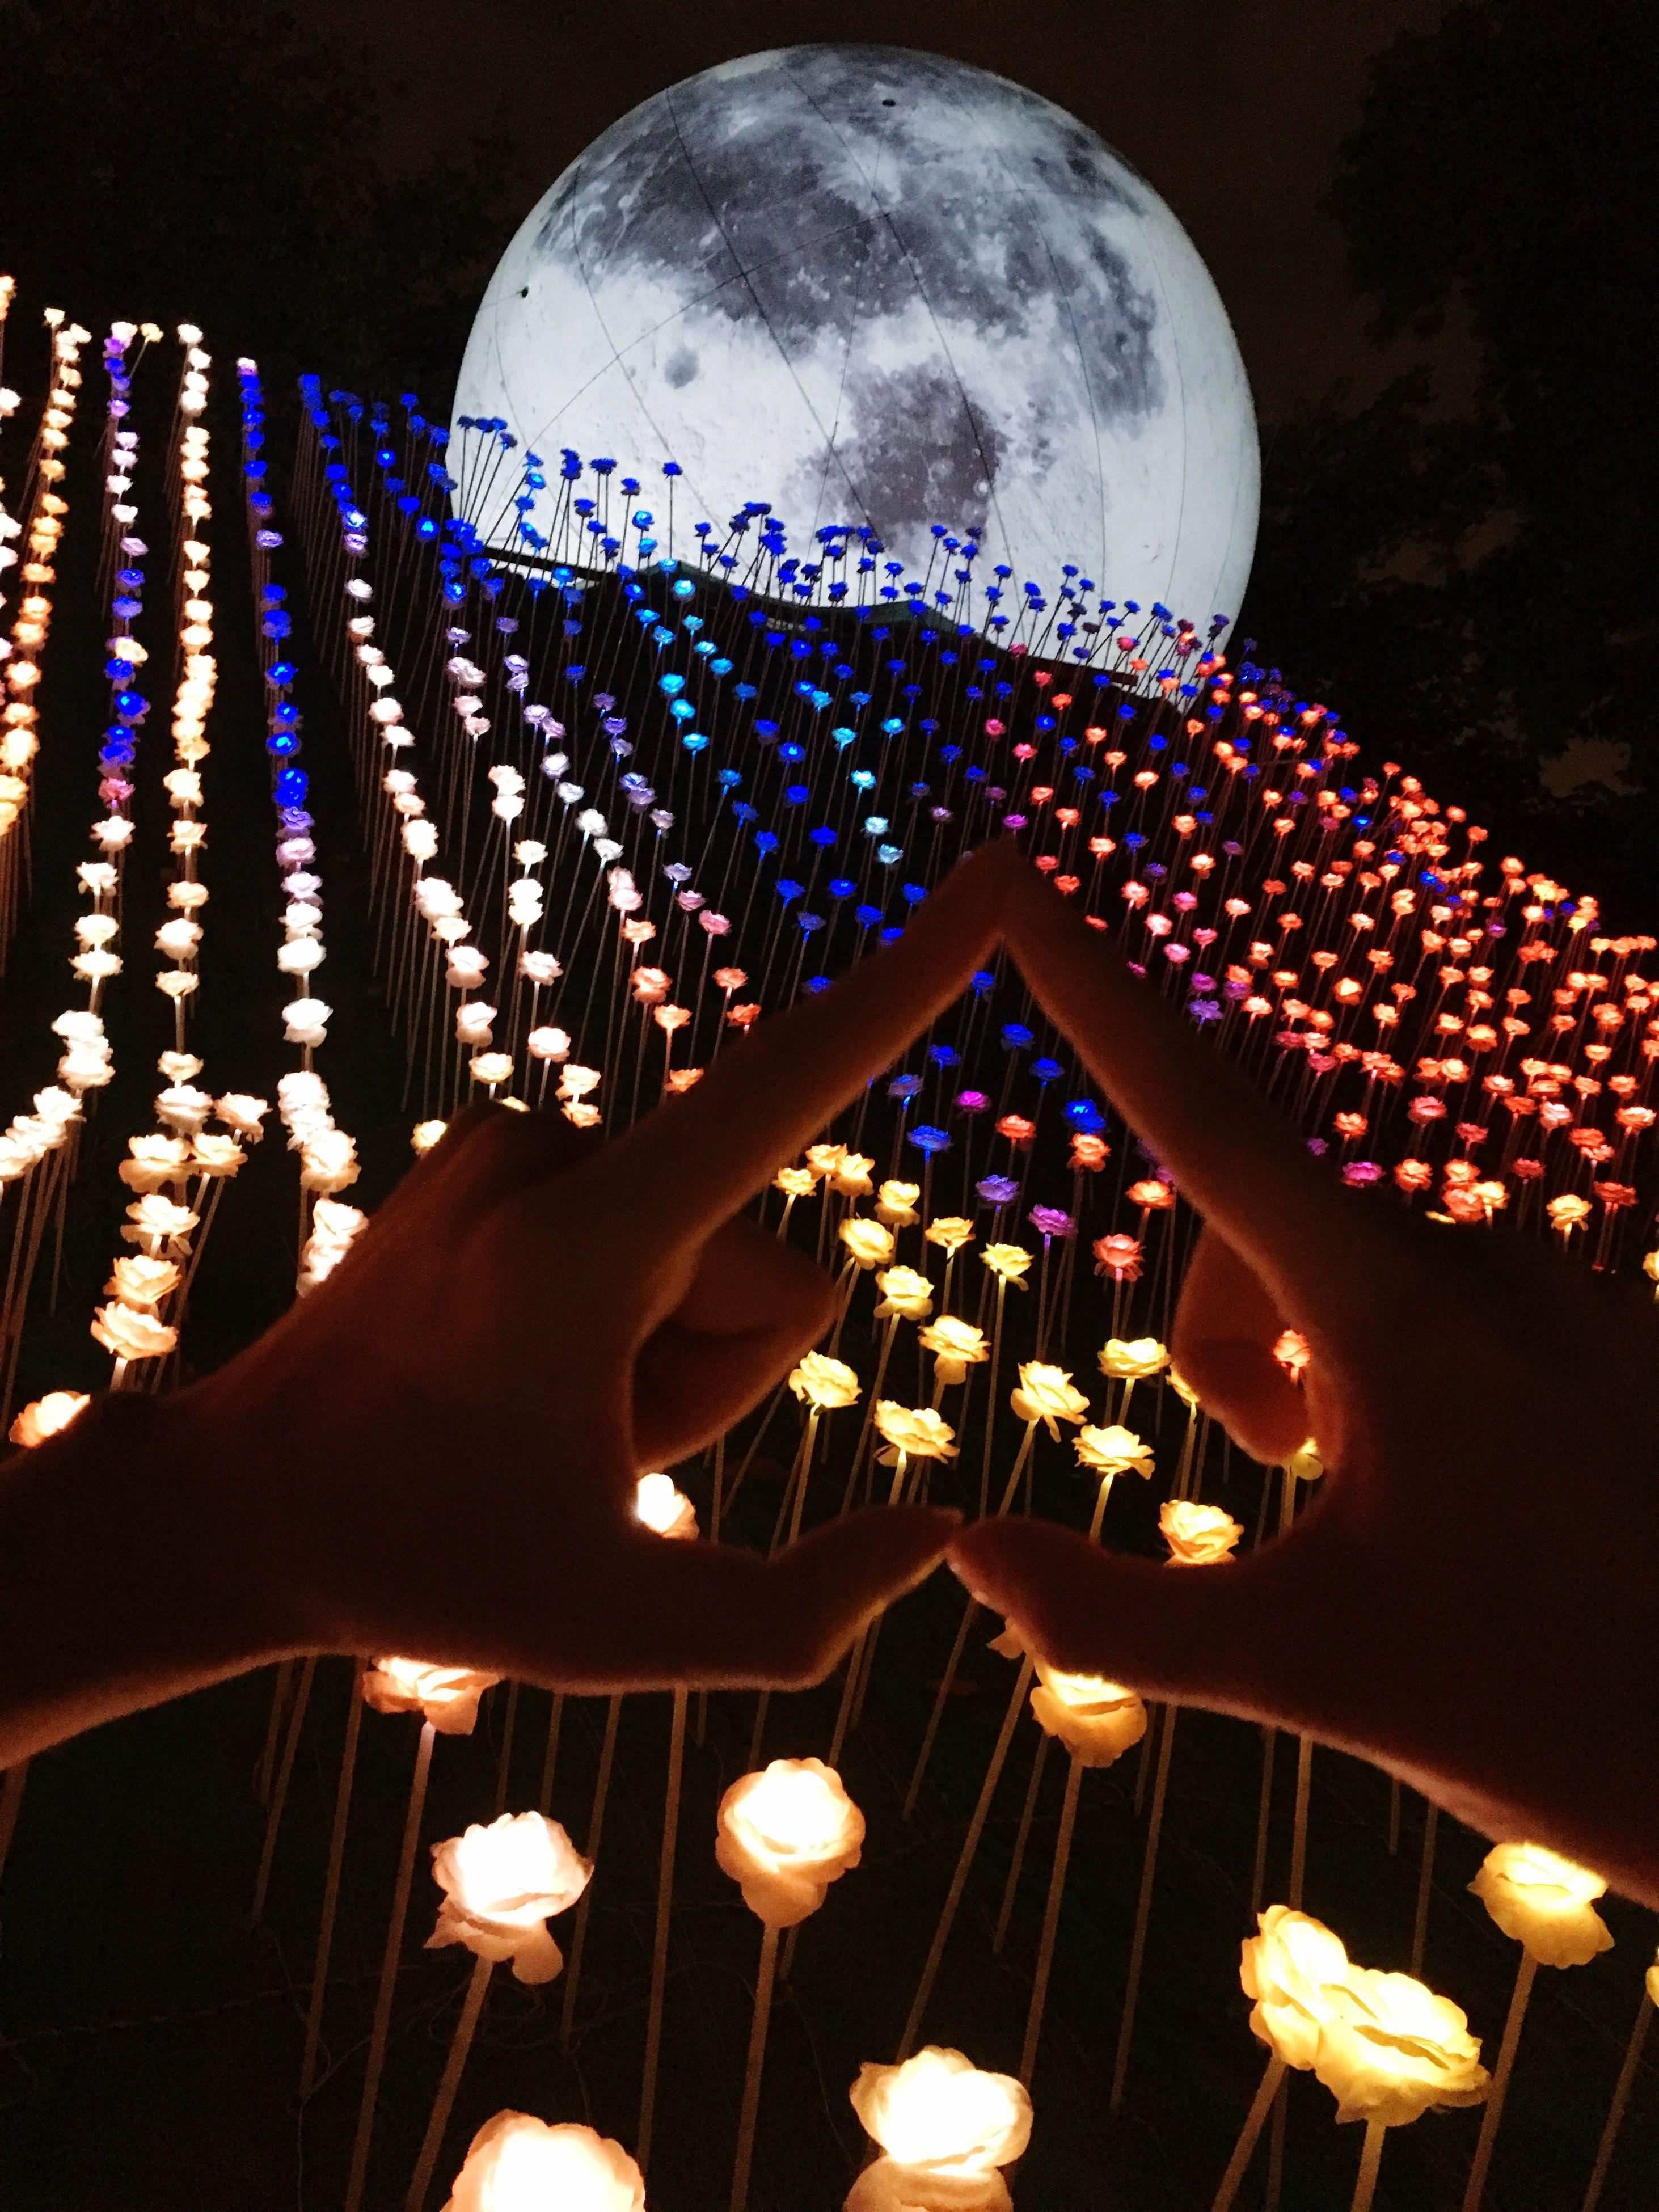 celebration, illuminated, indoors, night, no people, close-up